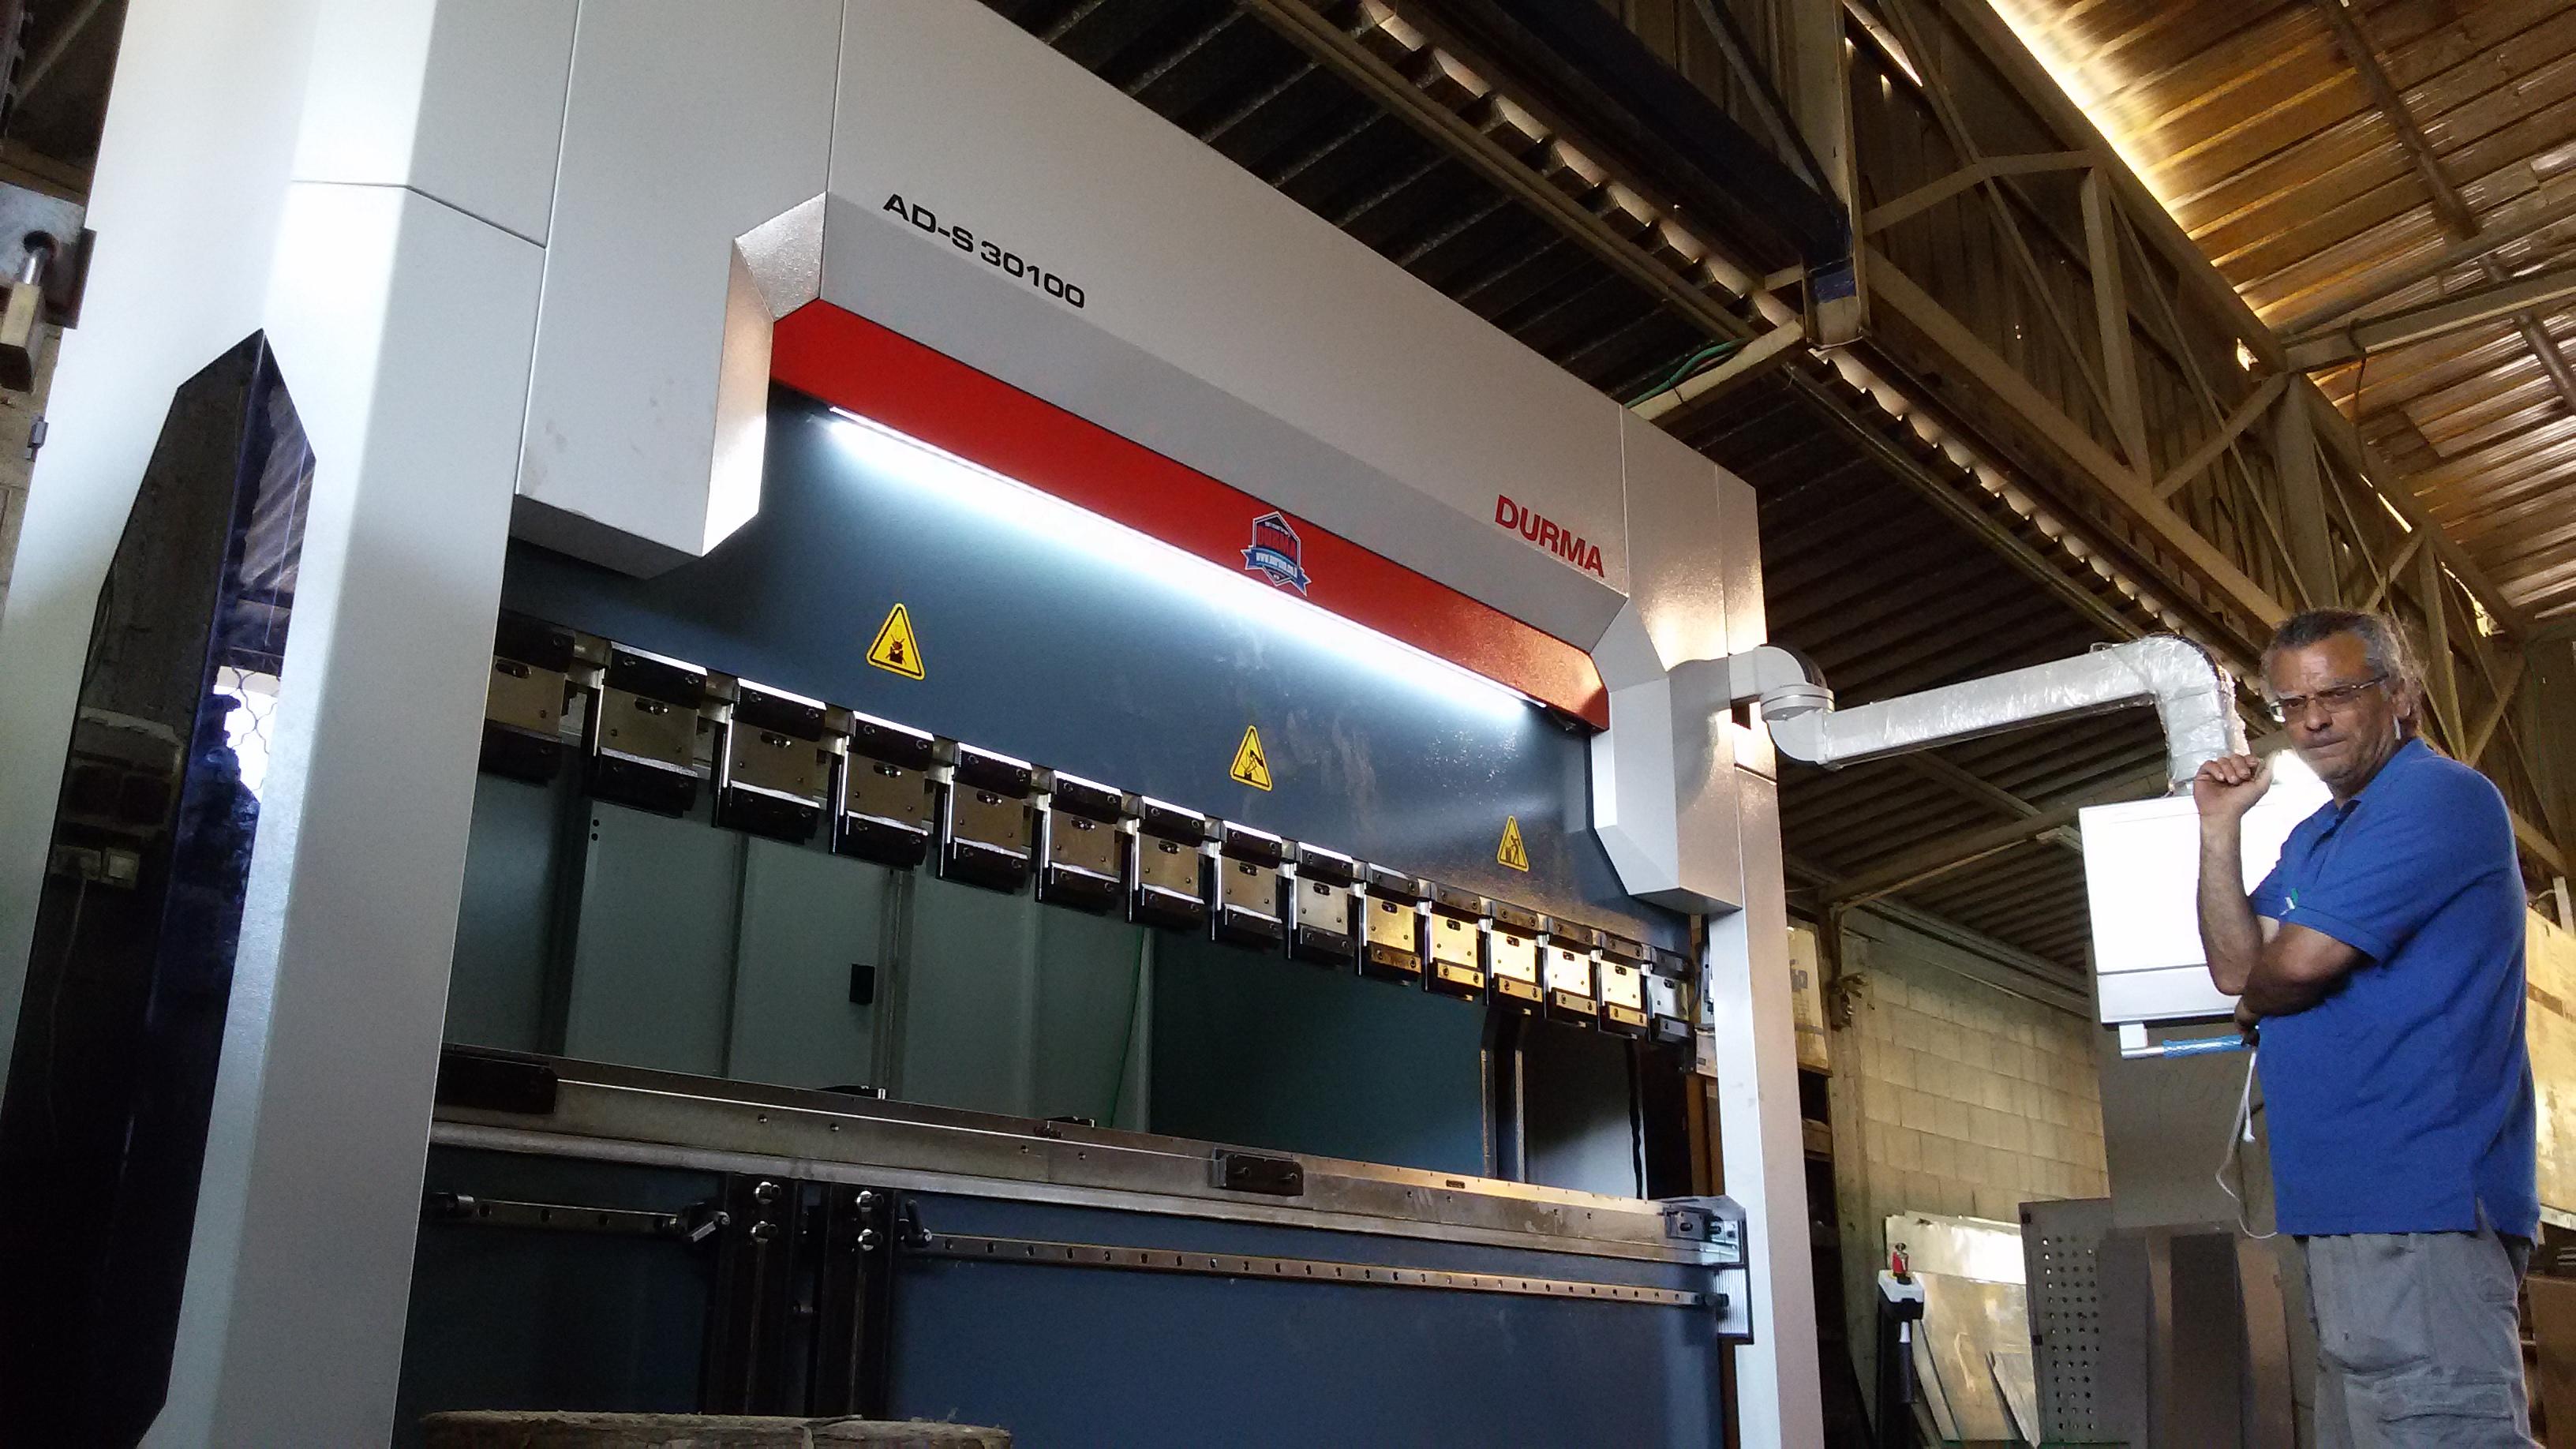 מכונה לכיפוף פח תוצרת DURMA דורמה